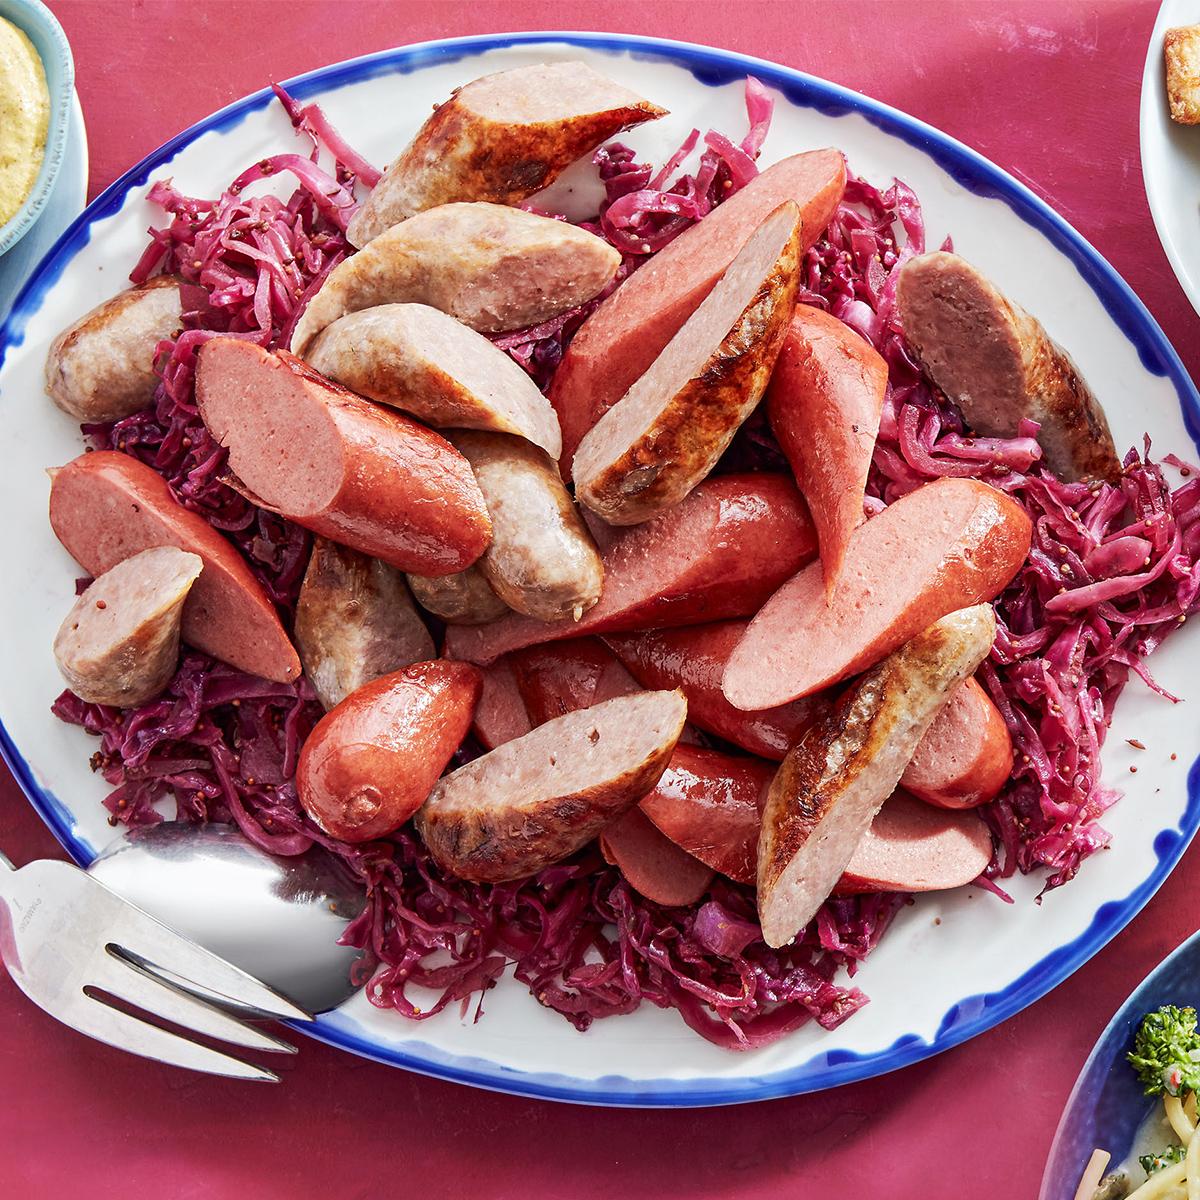 Knocks 'n' Brats & Red Cabbage & Potatoes Rösti